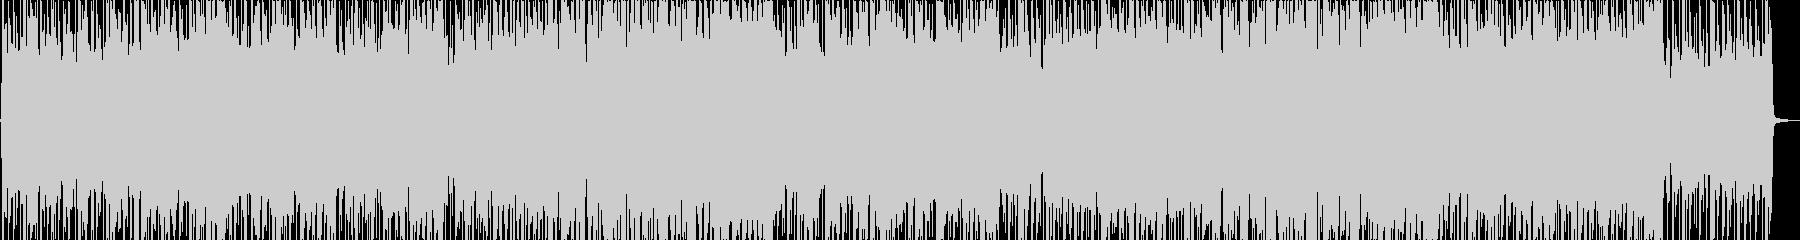 爽やかなBGM/生録音アコギの未再生の波形